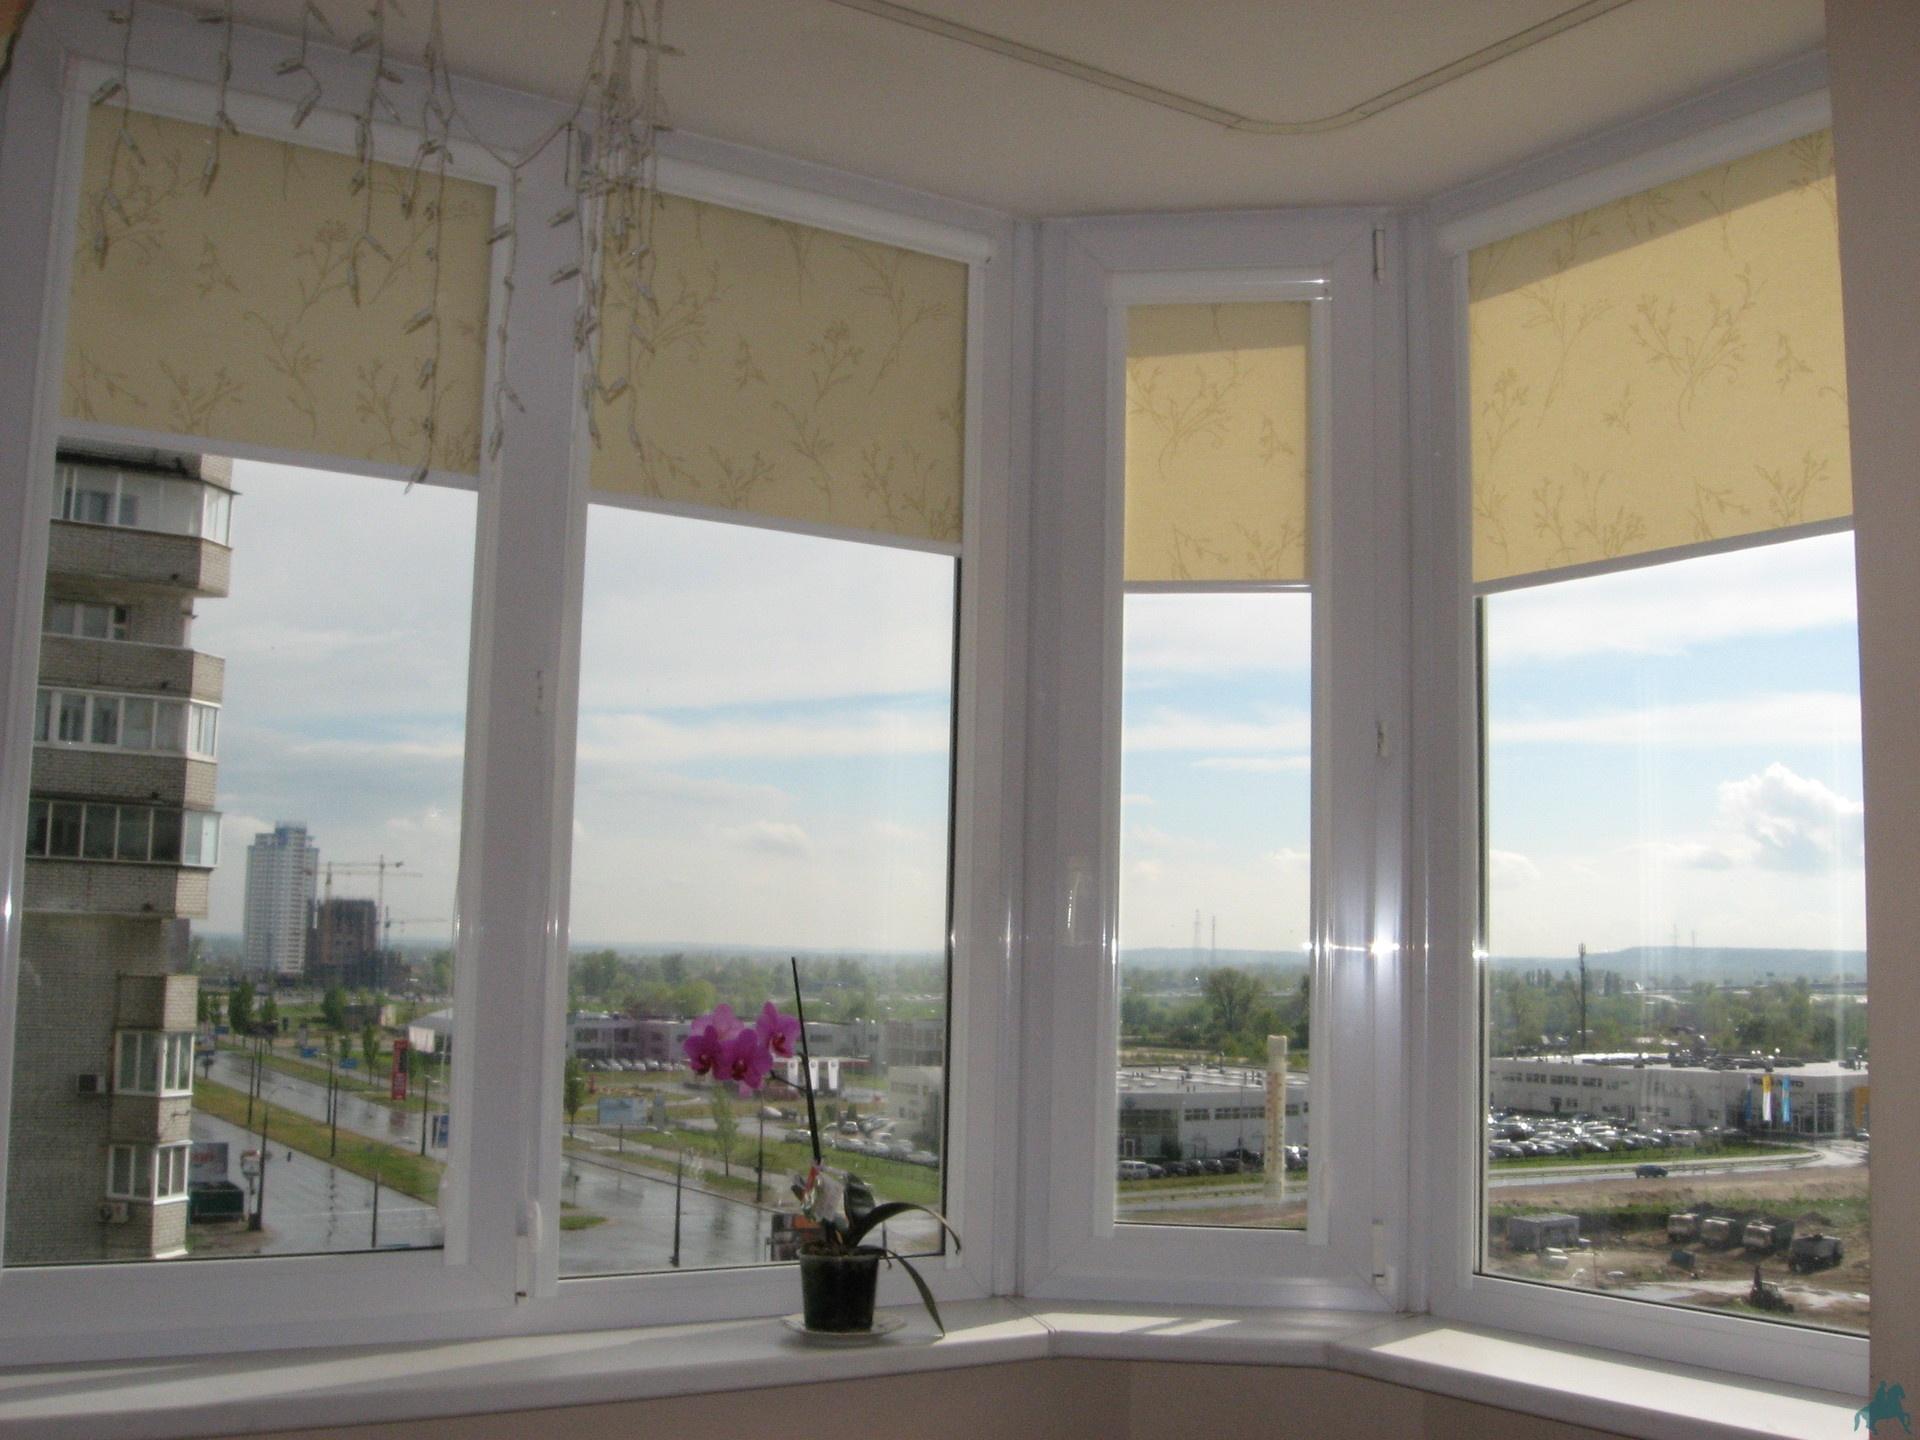 Чем хороши окна рехау?.